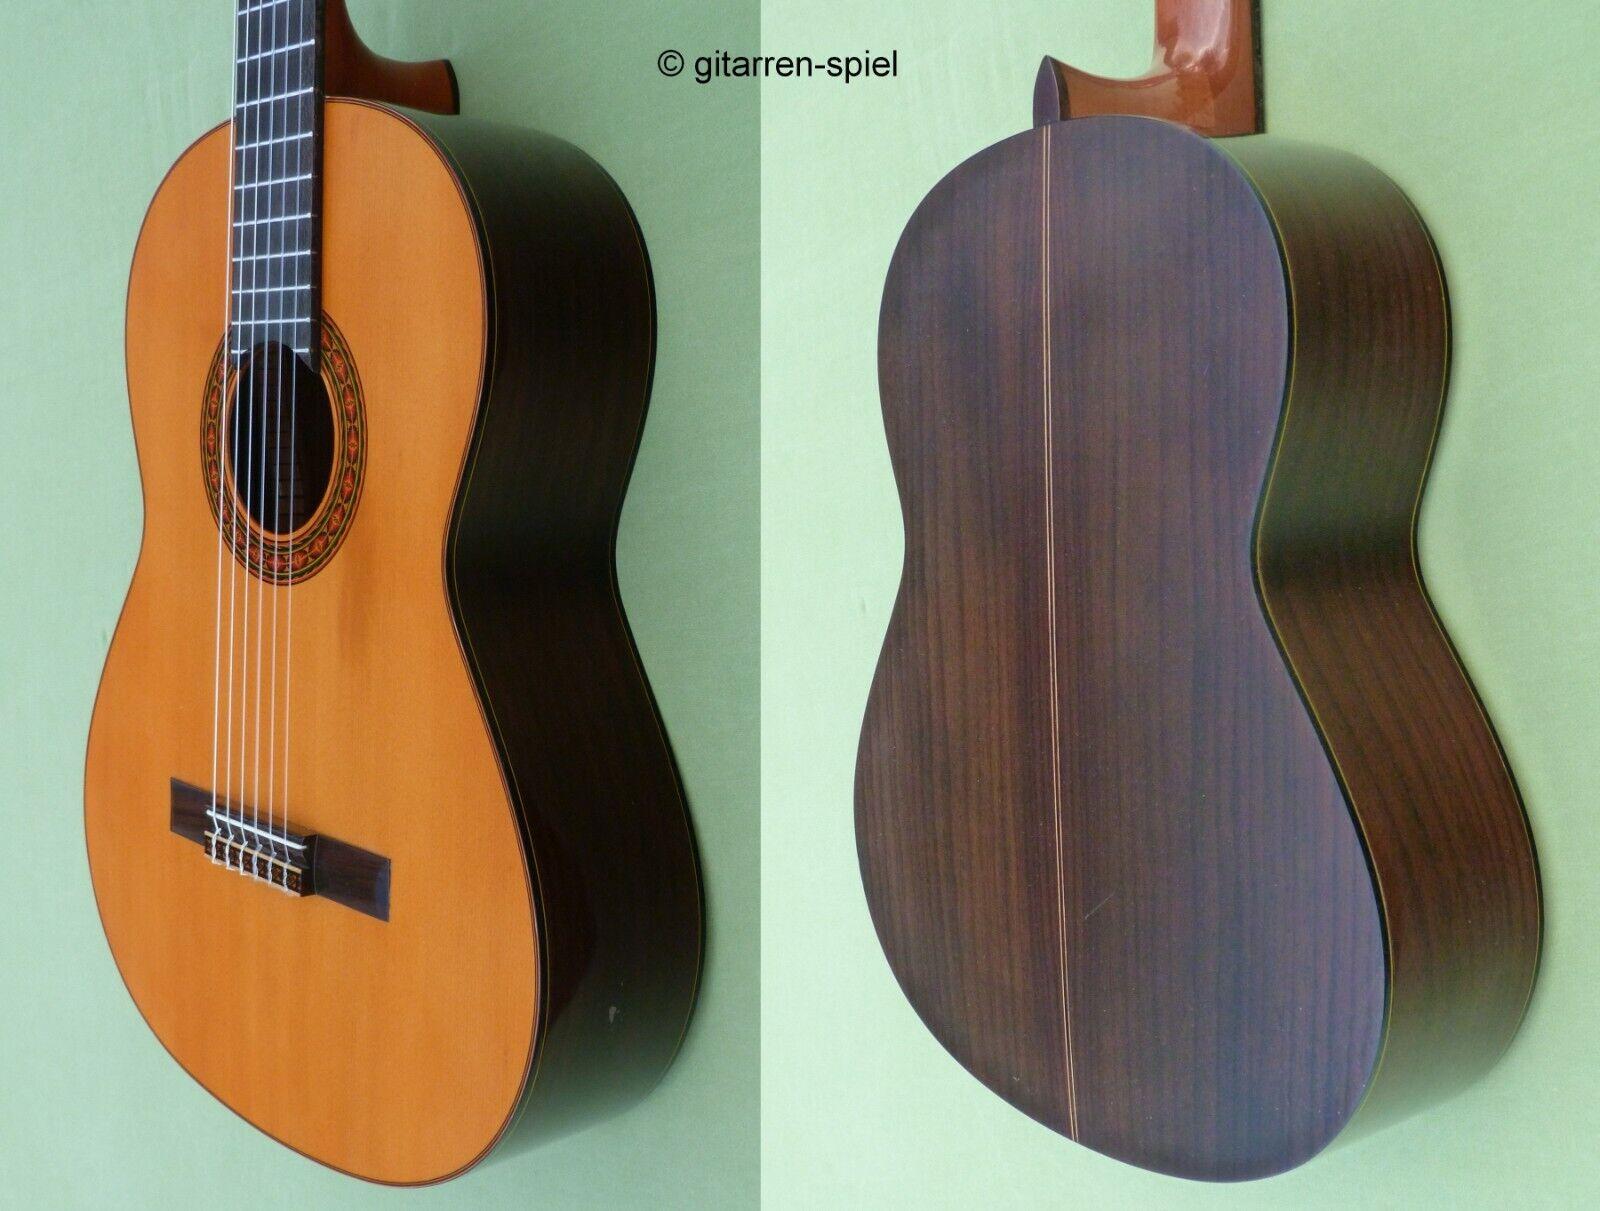 Vintage 4 4 Konzert-Gitarre Yamaha G-170A Fichte Palisander Kult ca 1970 Rar Top